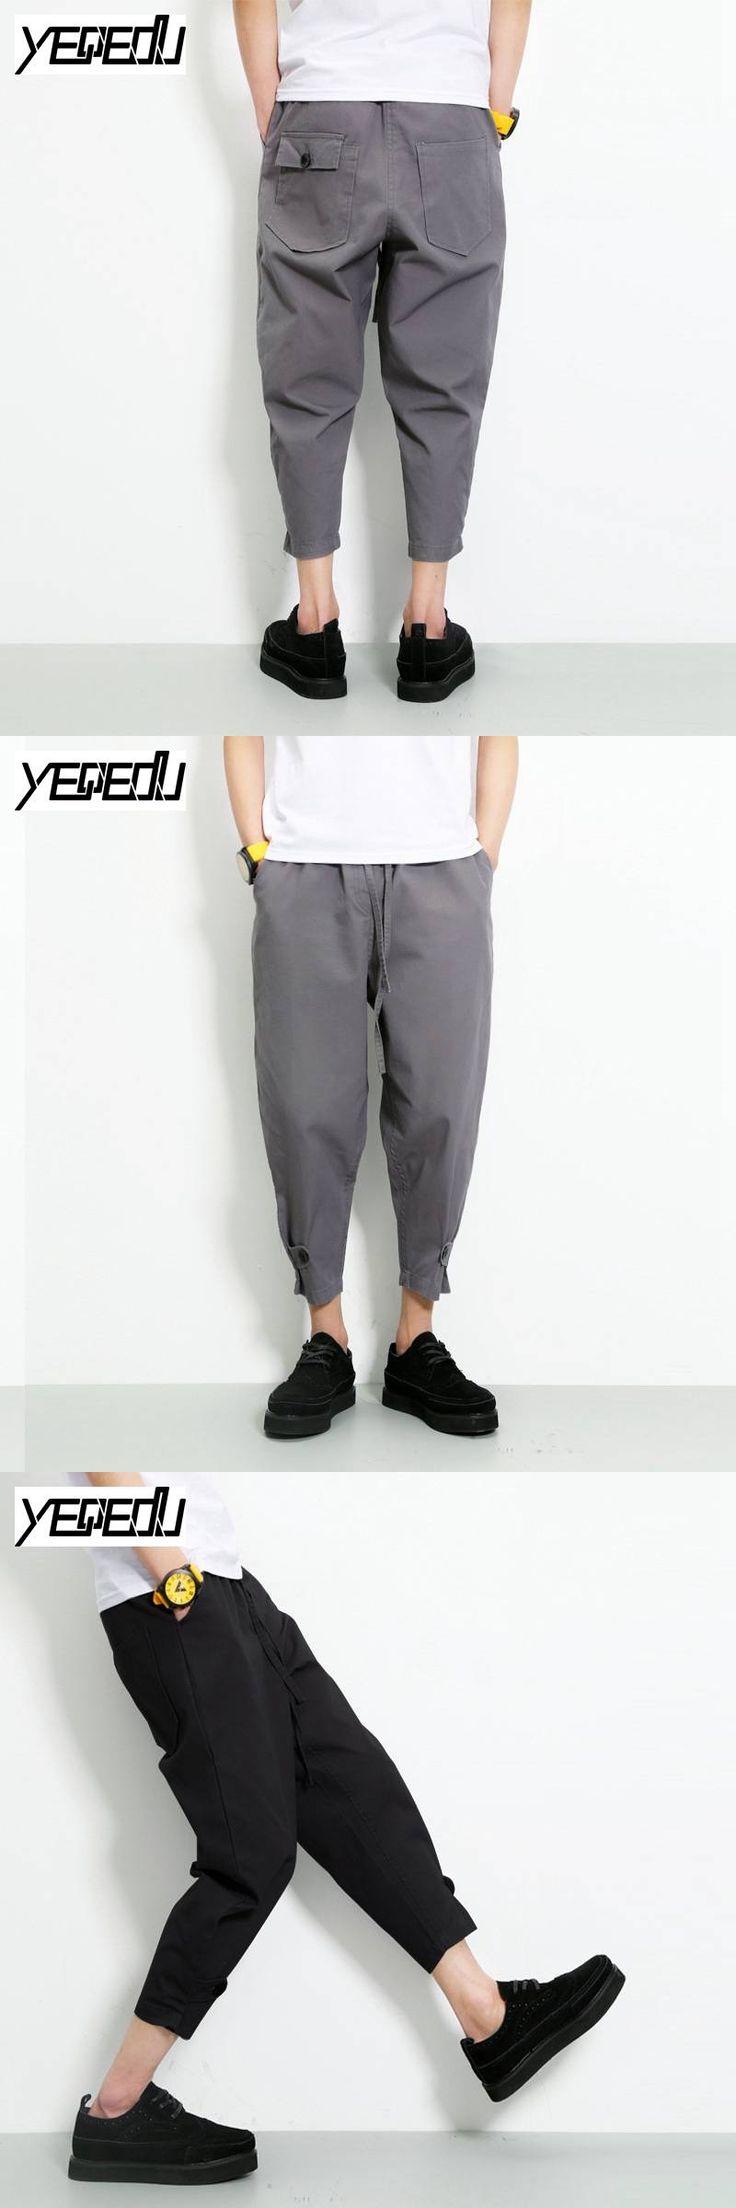 #2819 Jogger pants men Fashion Harajuku Harem Mens baggy cargo pants Loose Pantalon large Hip hop men Streetwear Lightweight 5XL